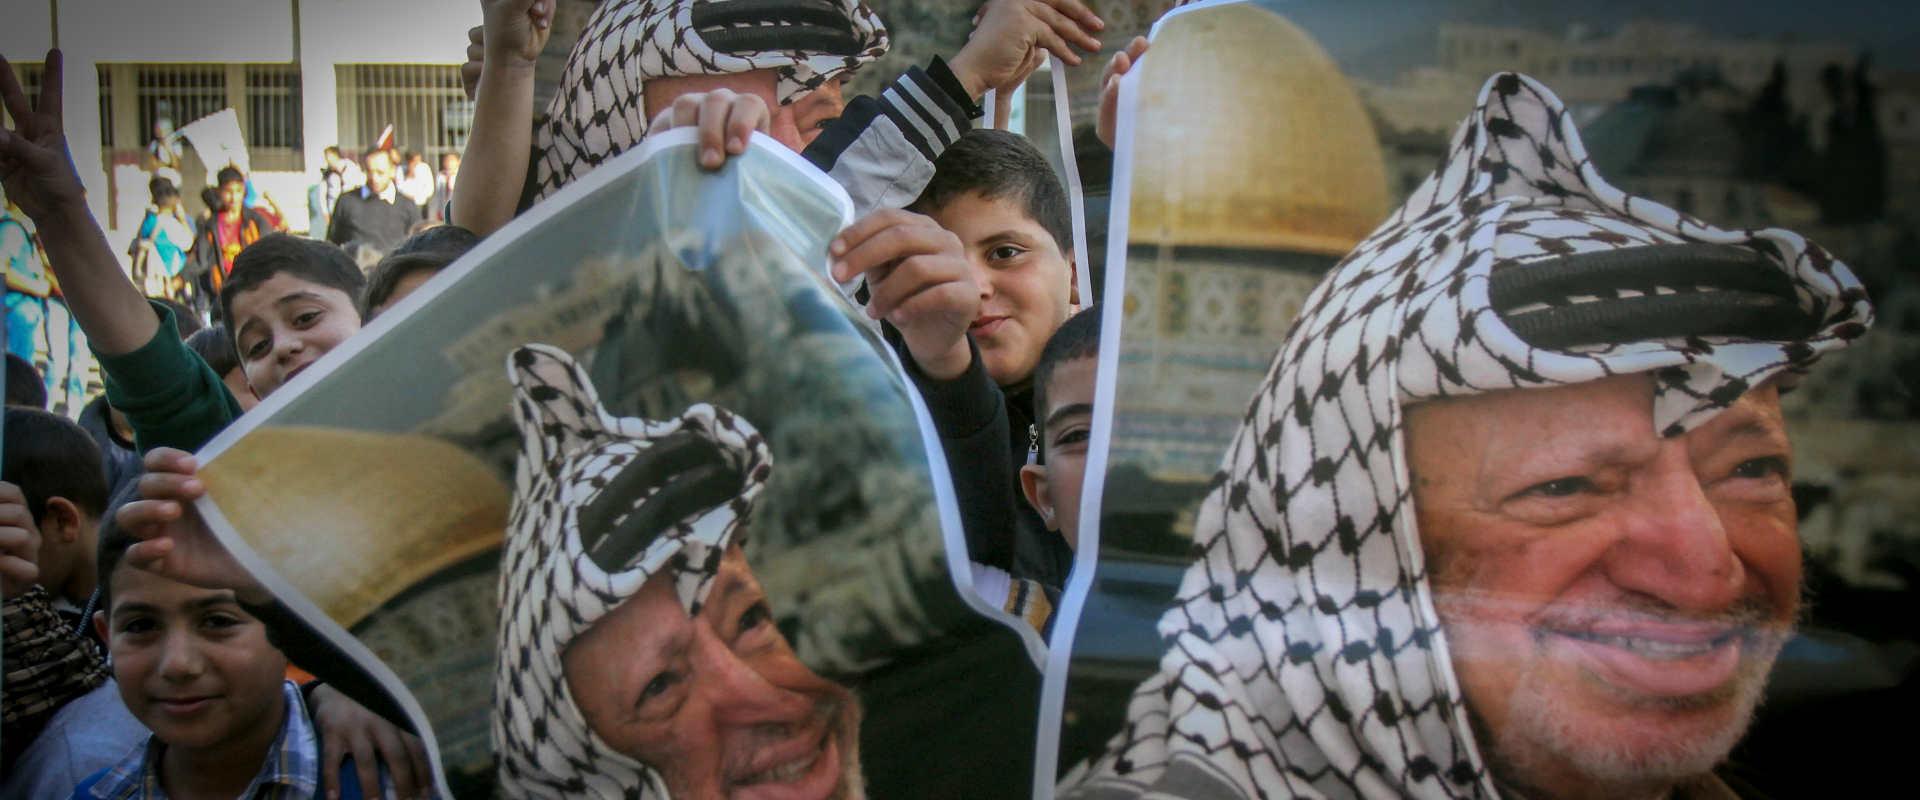 ילדים פלסטינים מחזיקים כרזות עם דמותו של ערפאת